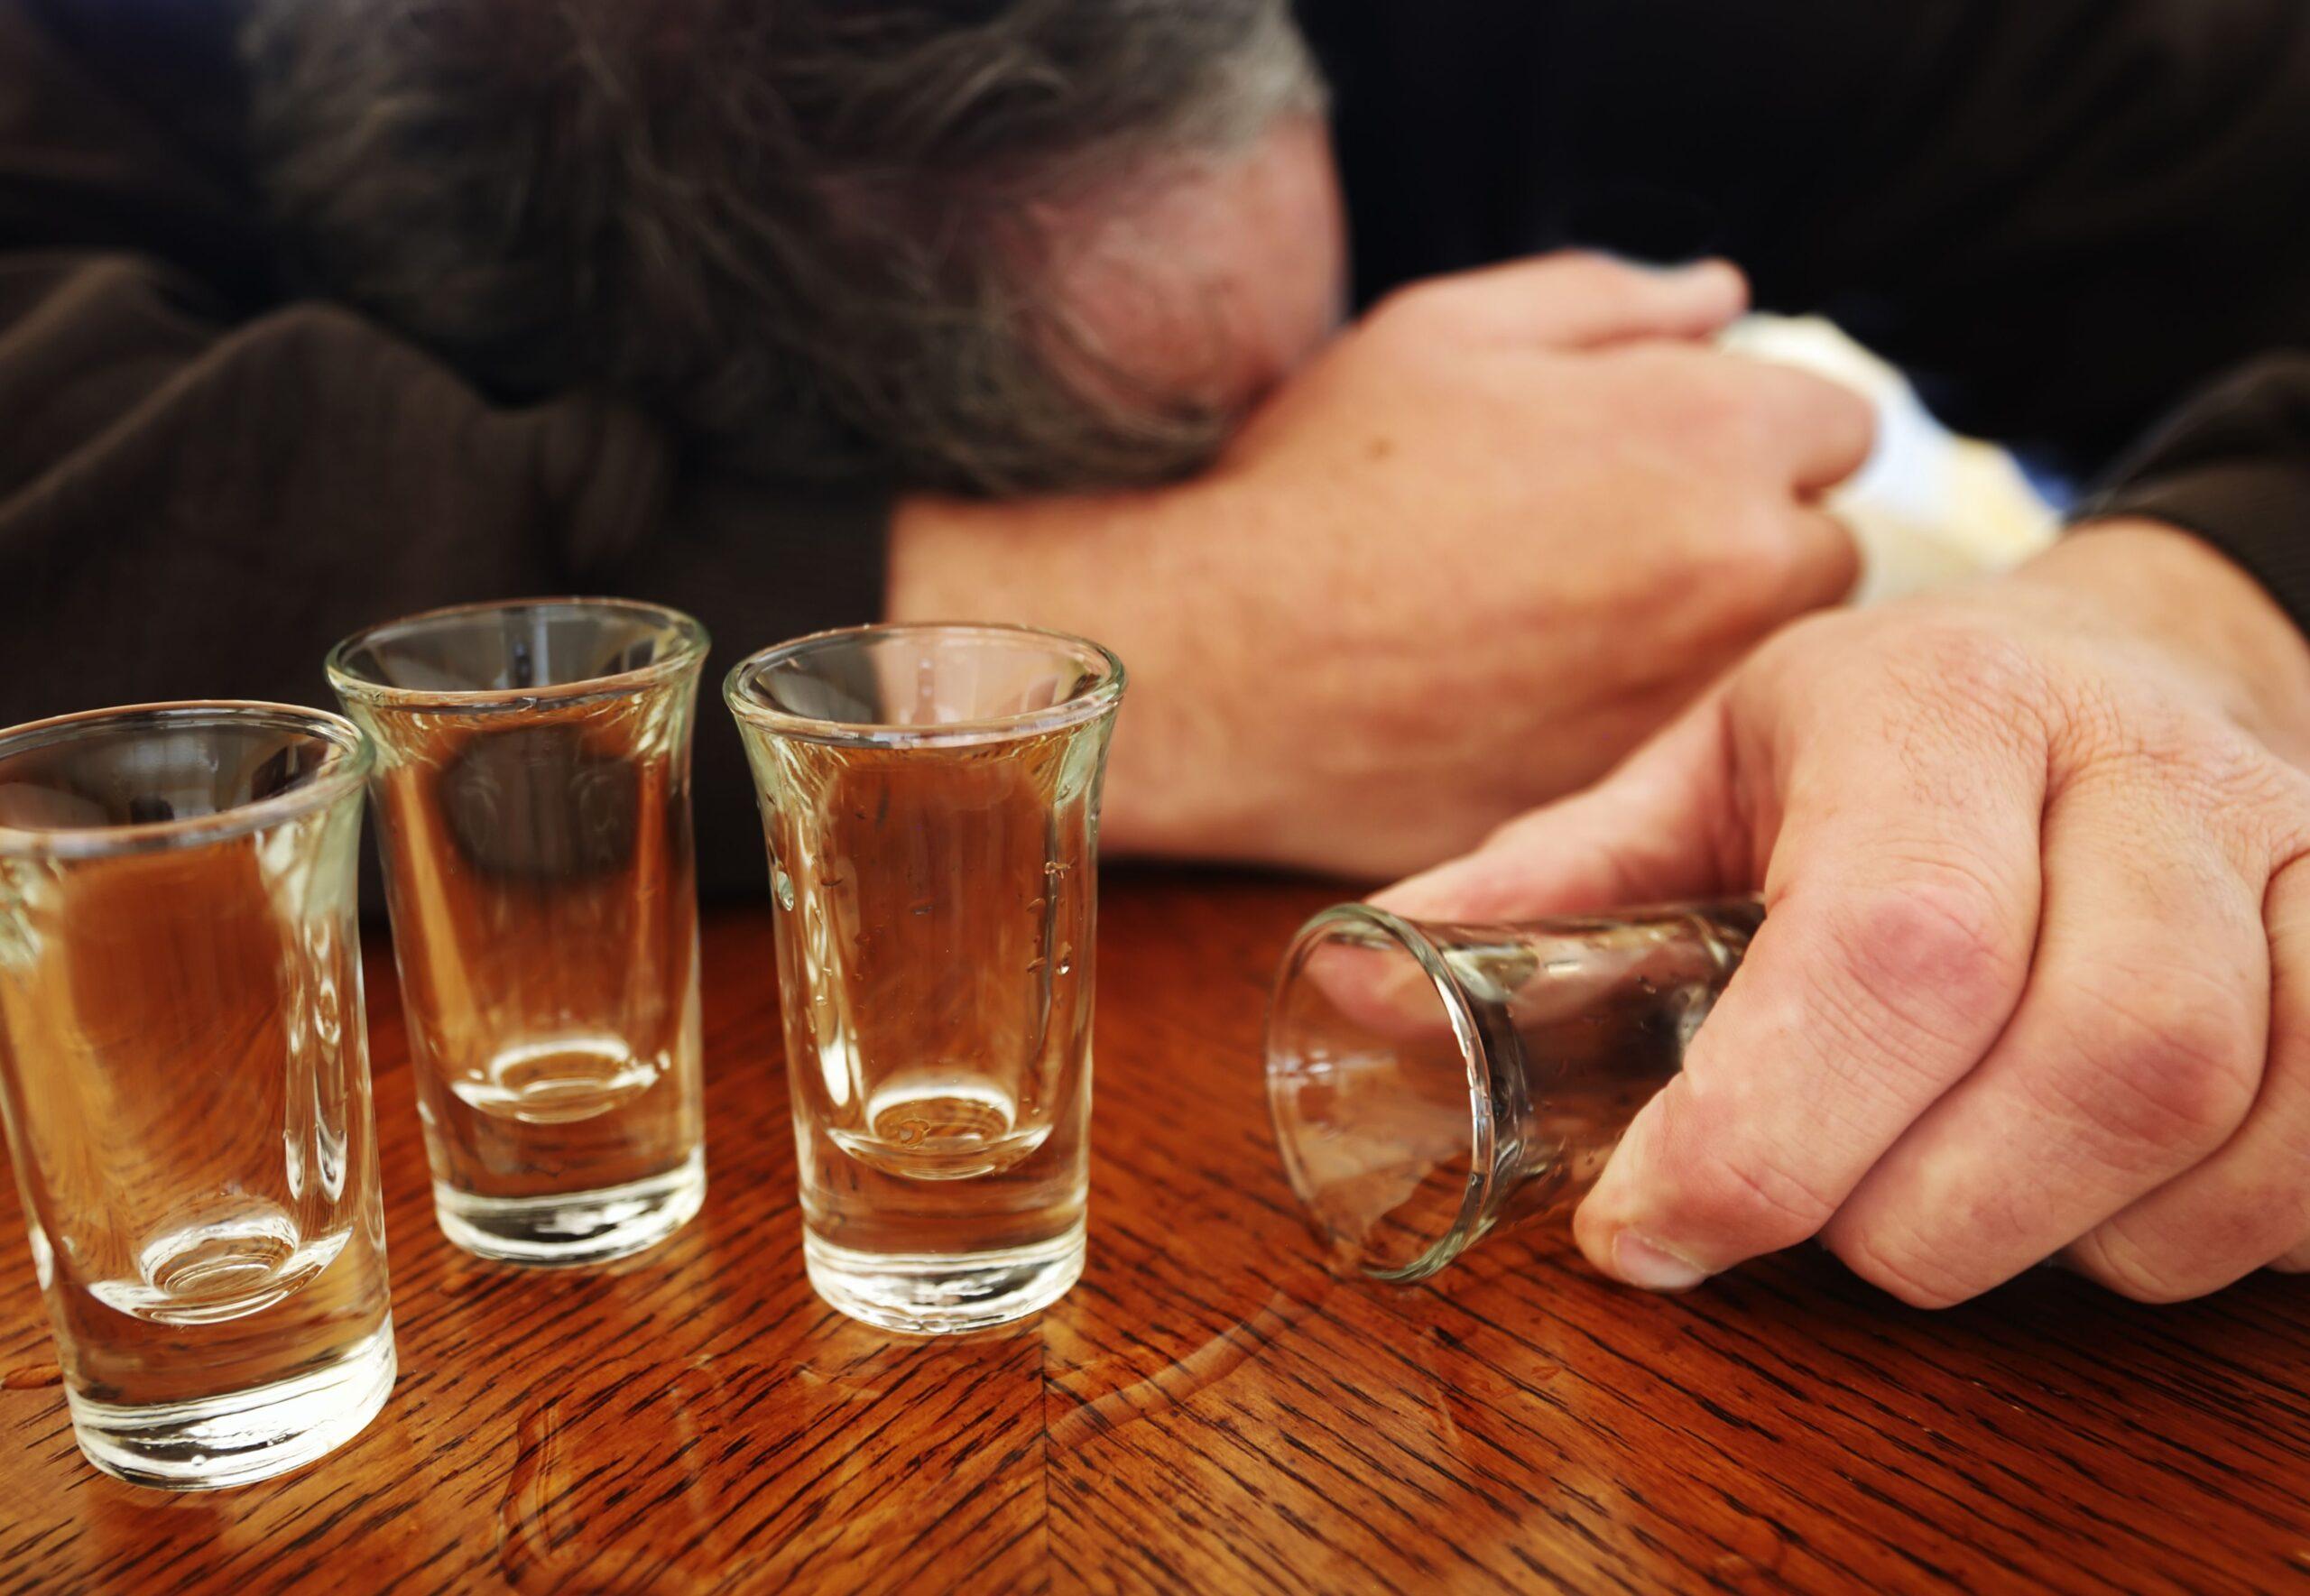 Жителя Тверской области, избившего собутыльника до смерти, будут судить